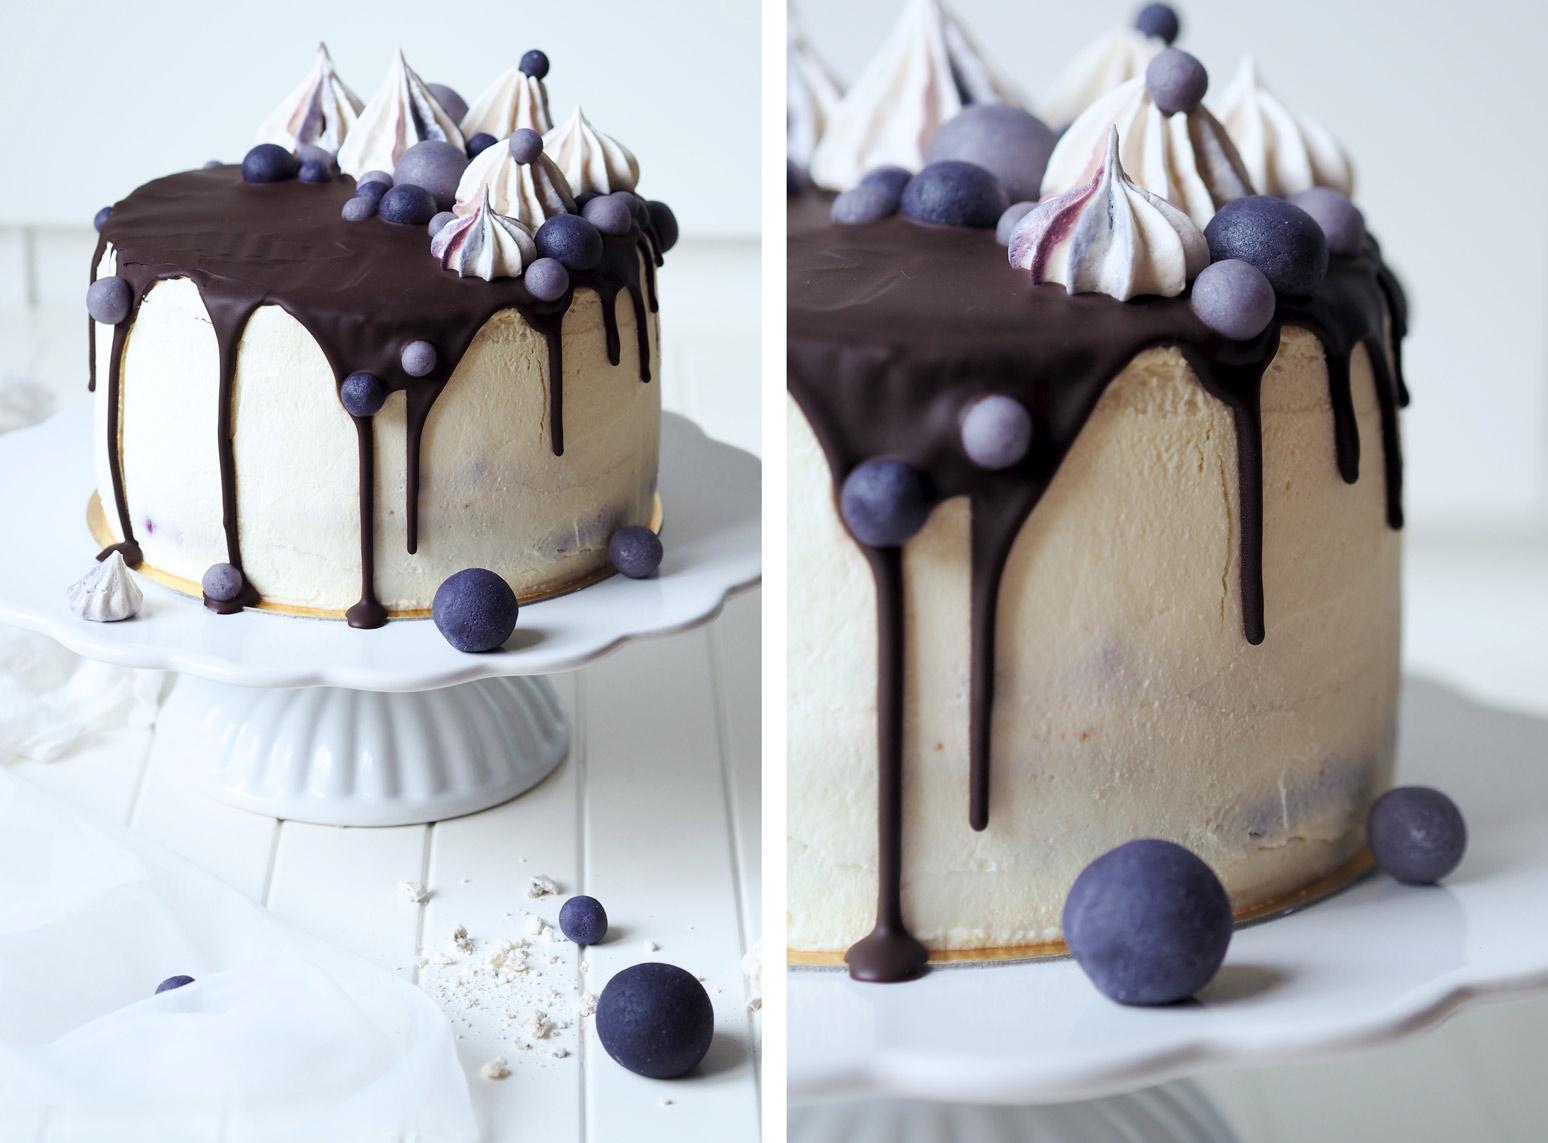 malý dort k narozeninám Kitchen And The City : VANILKOVÝ DORT S BORŮVKAMI malý dort k narozeninám